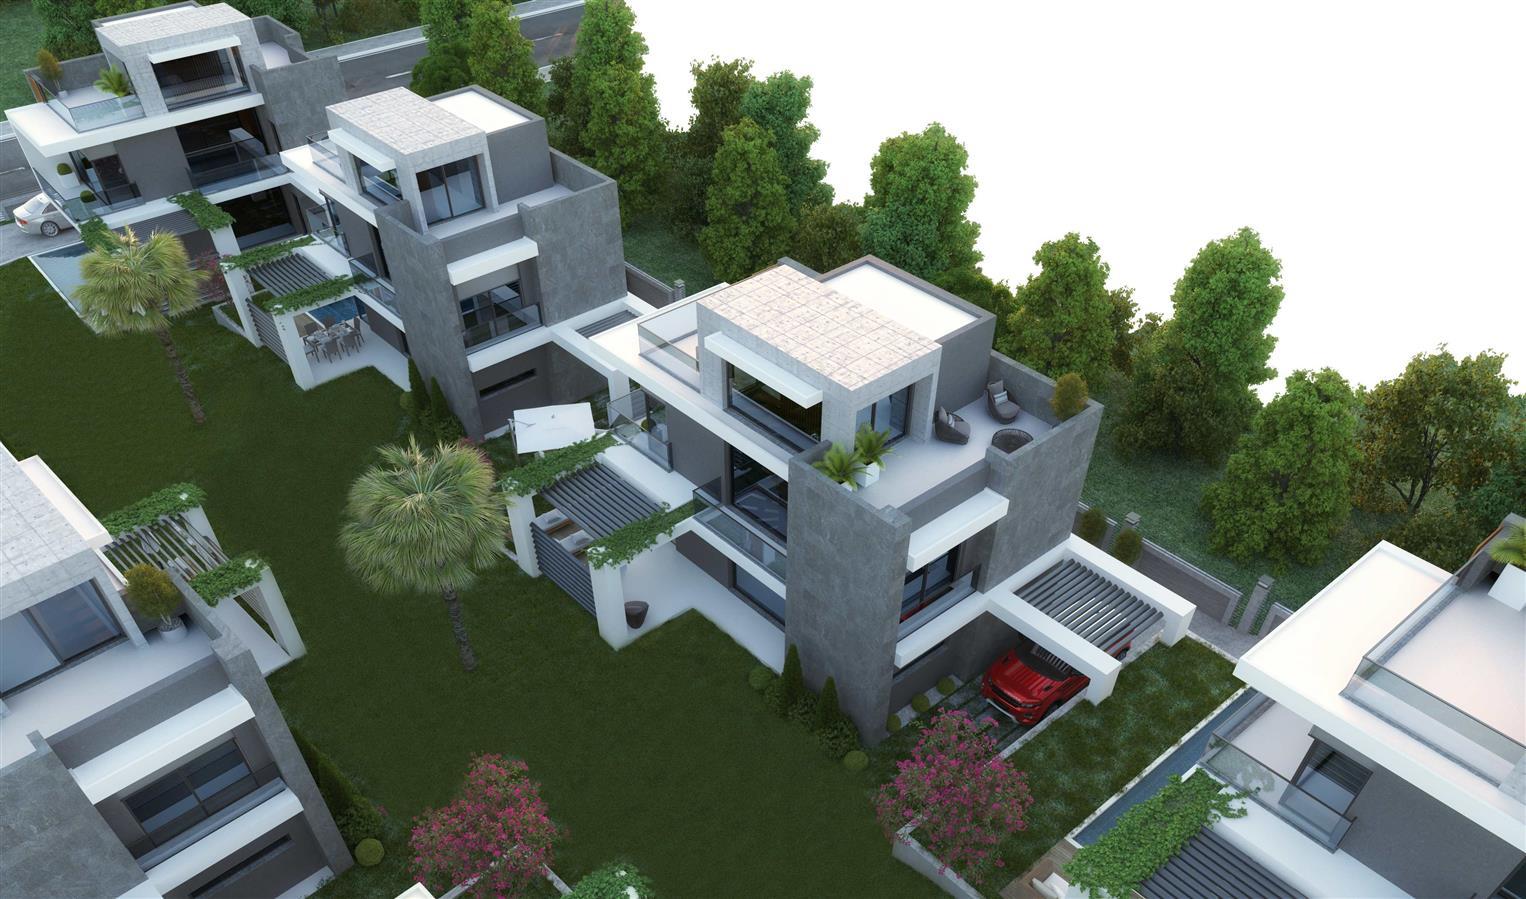 demren-green2016101511535899.jpg Demren İnşaat Proje